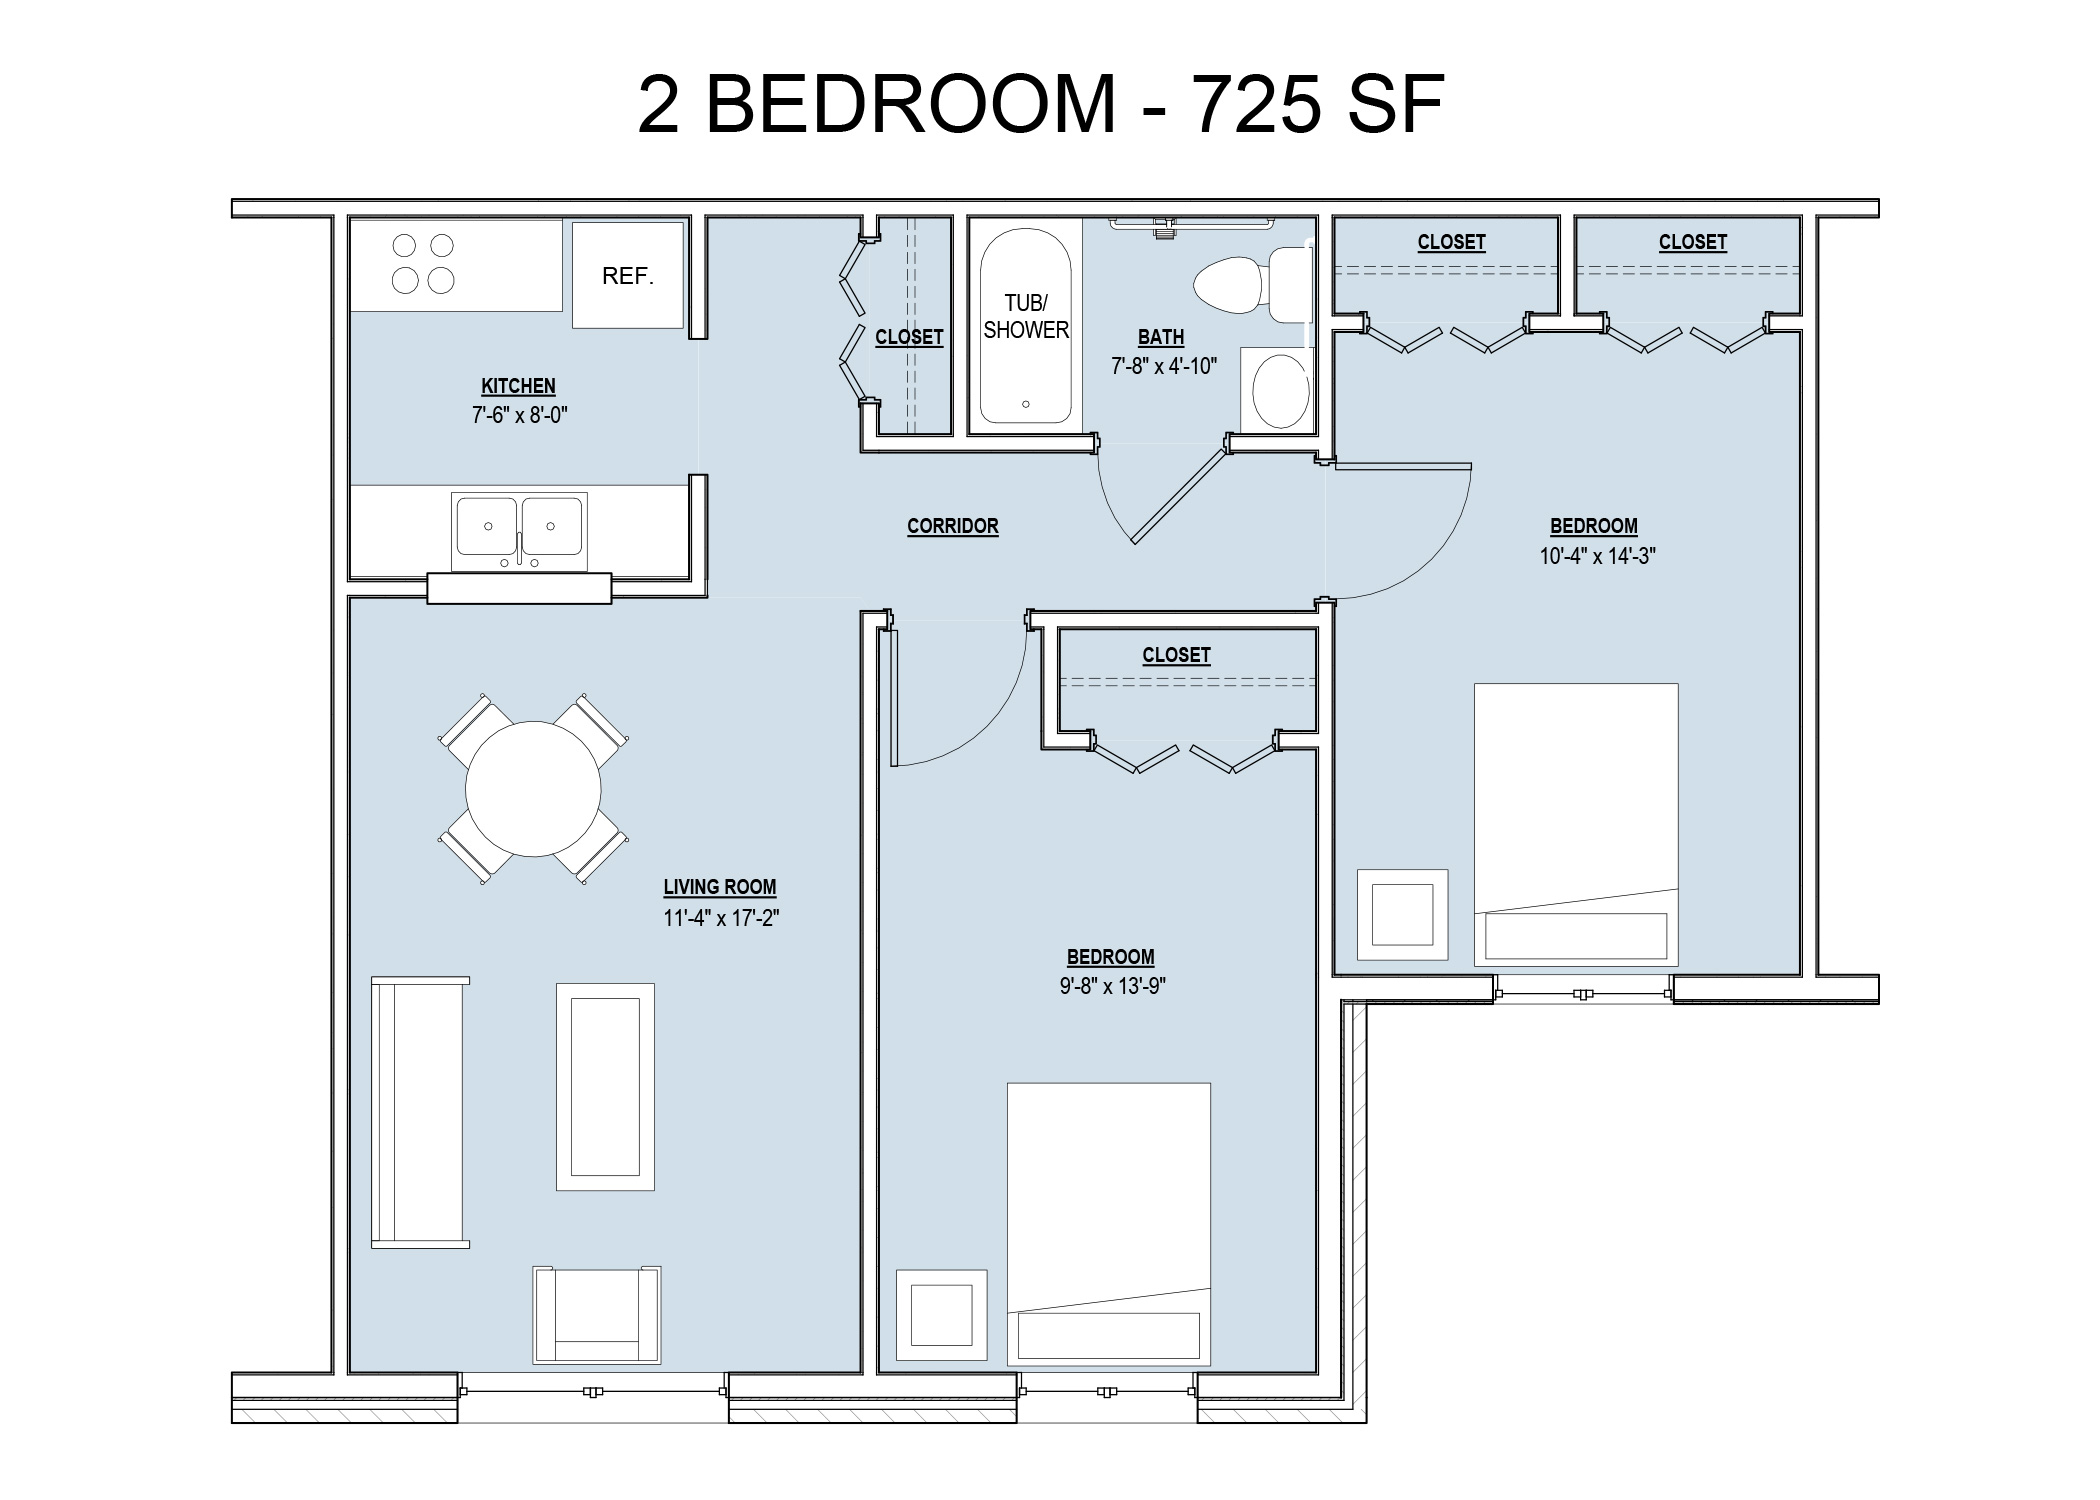 royer-garden-two-bedroom